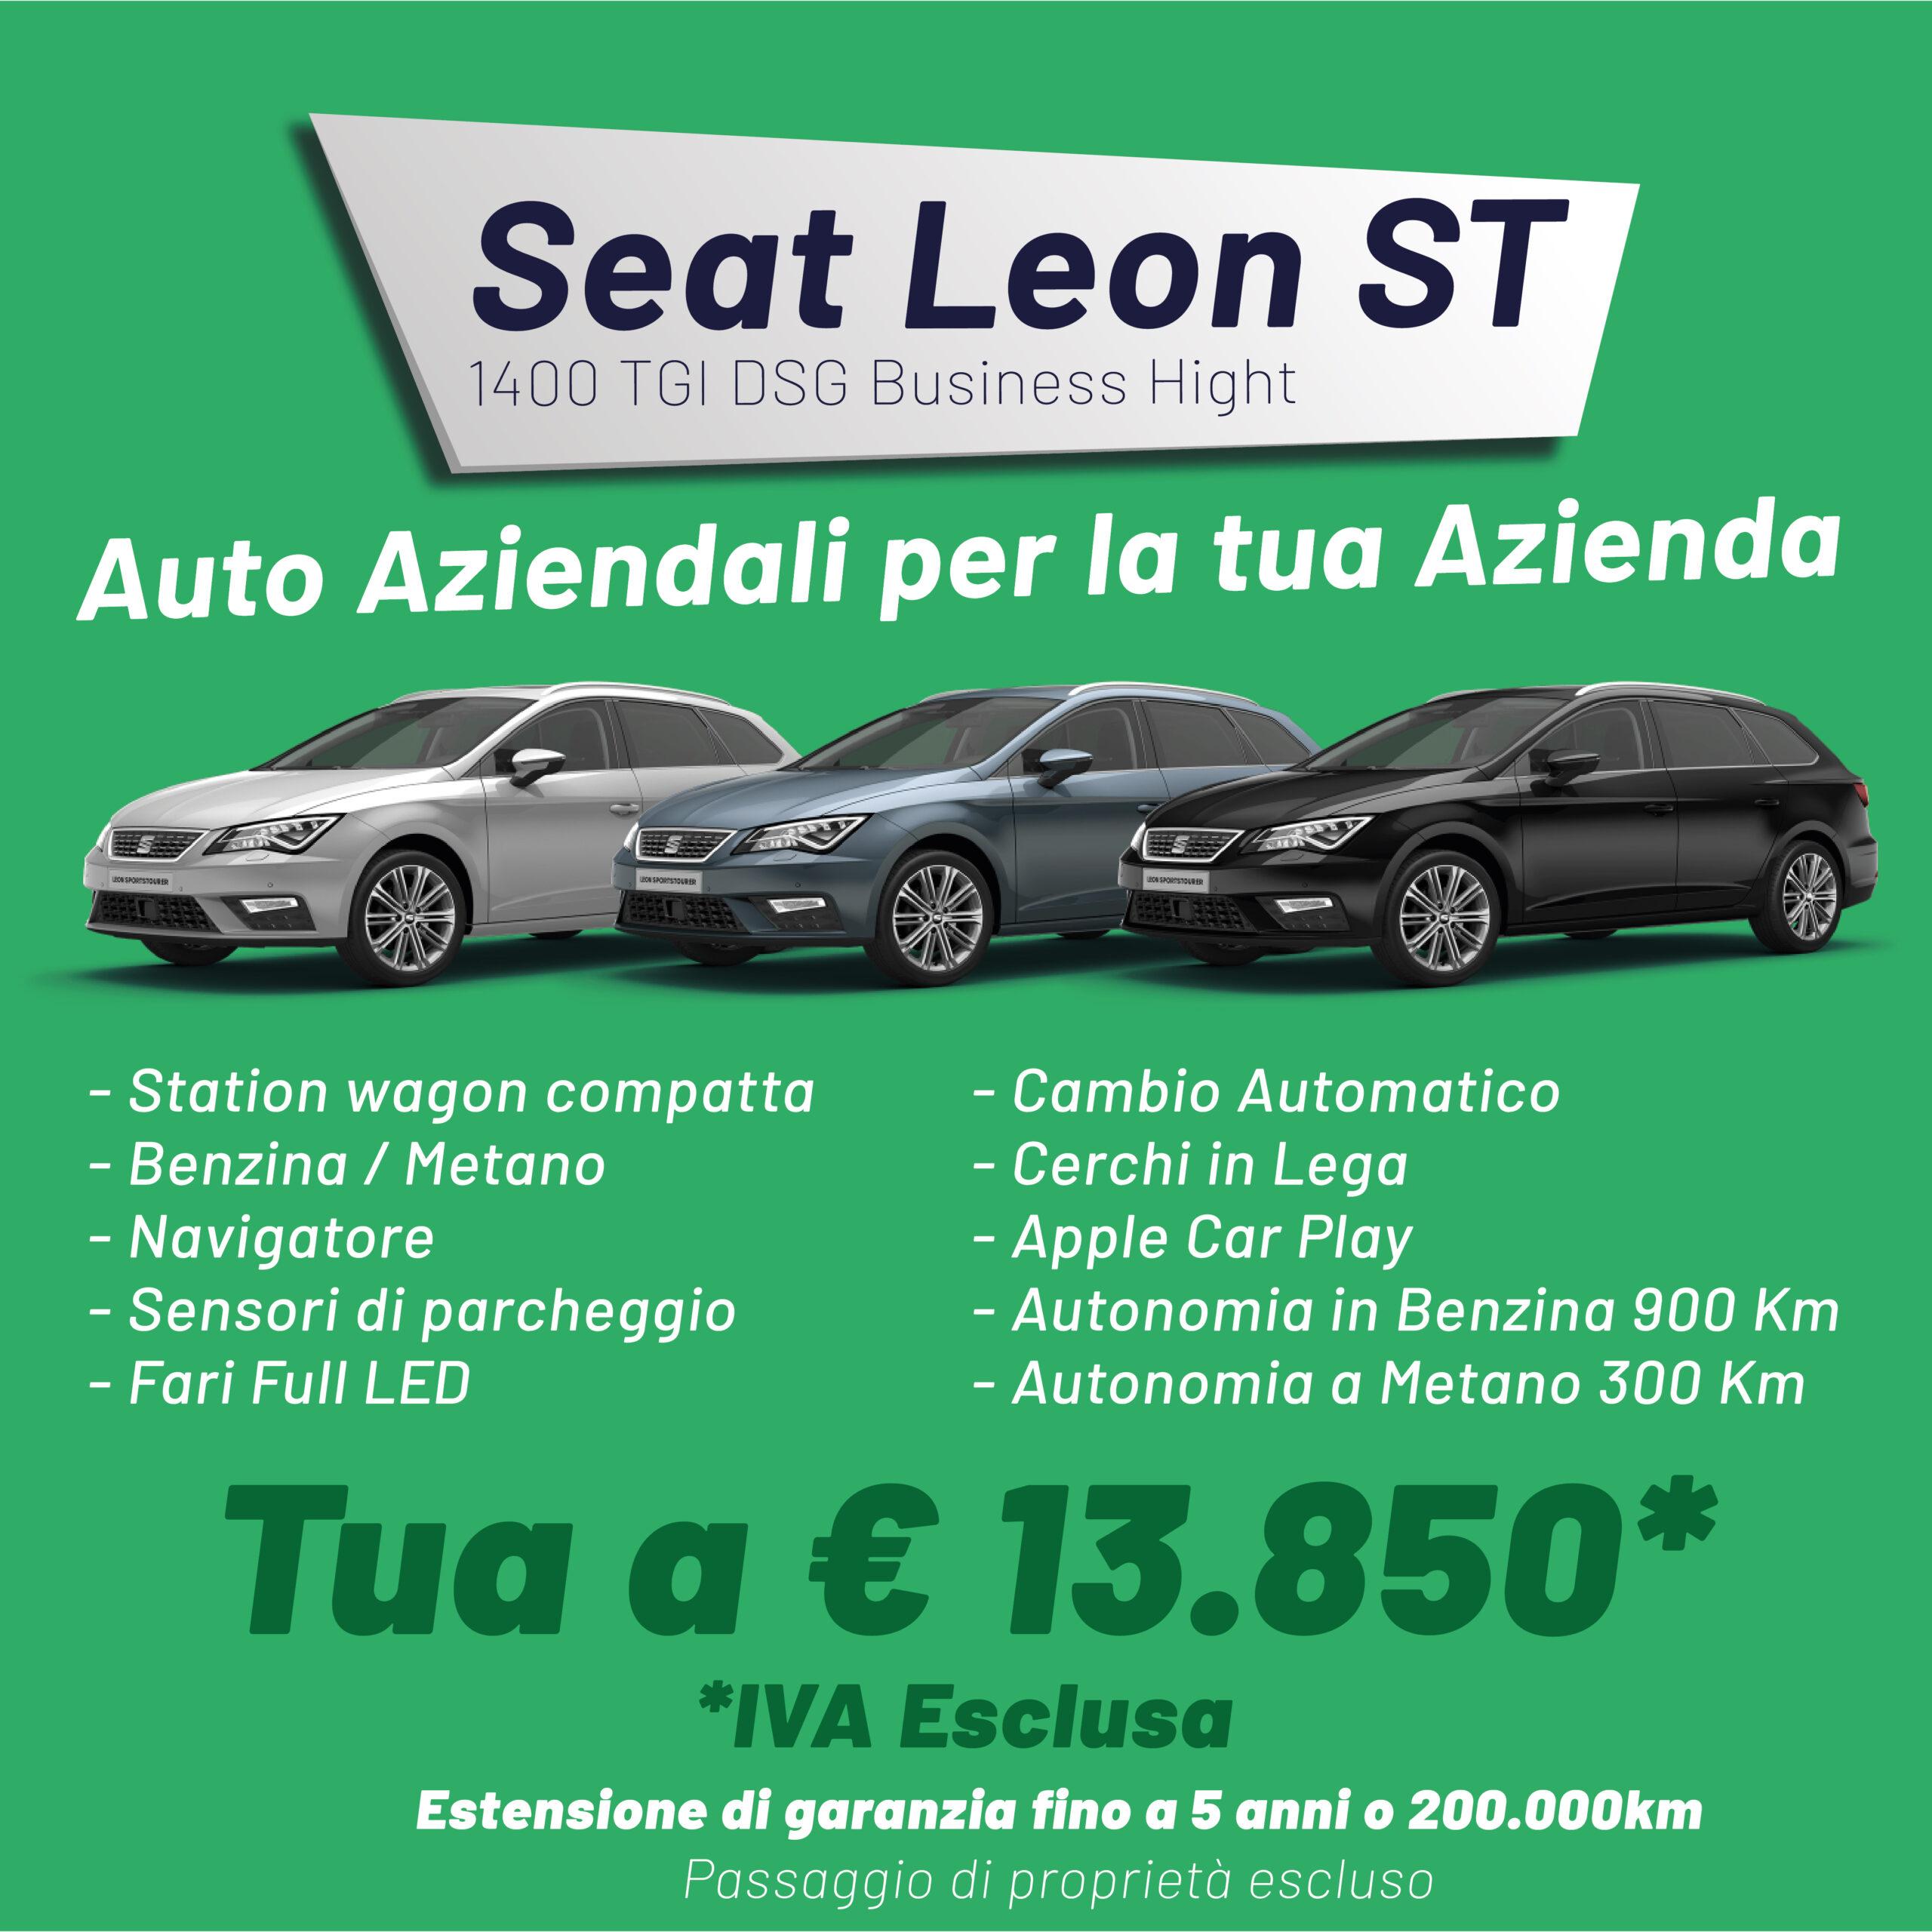 Seat Leon Aziendali per la tua azienda